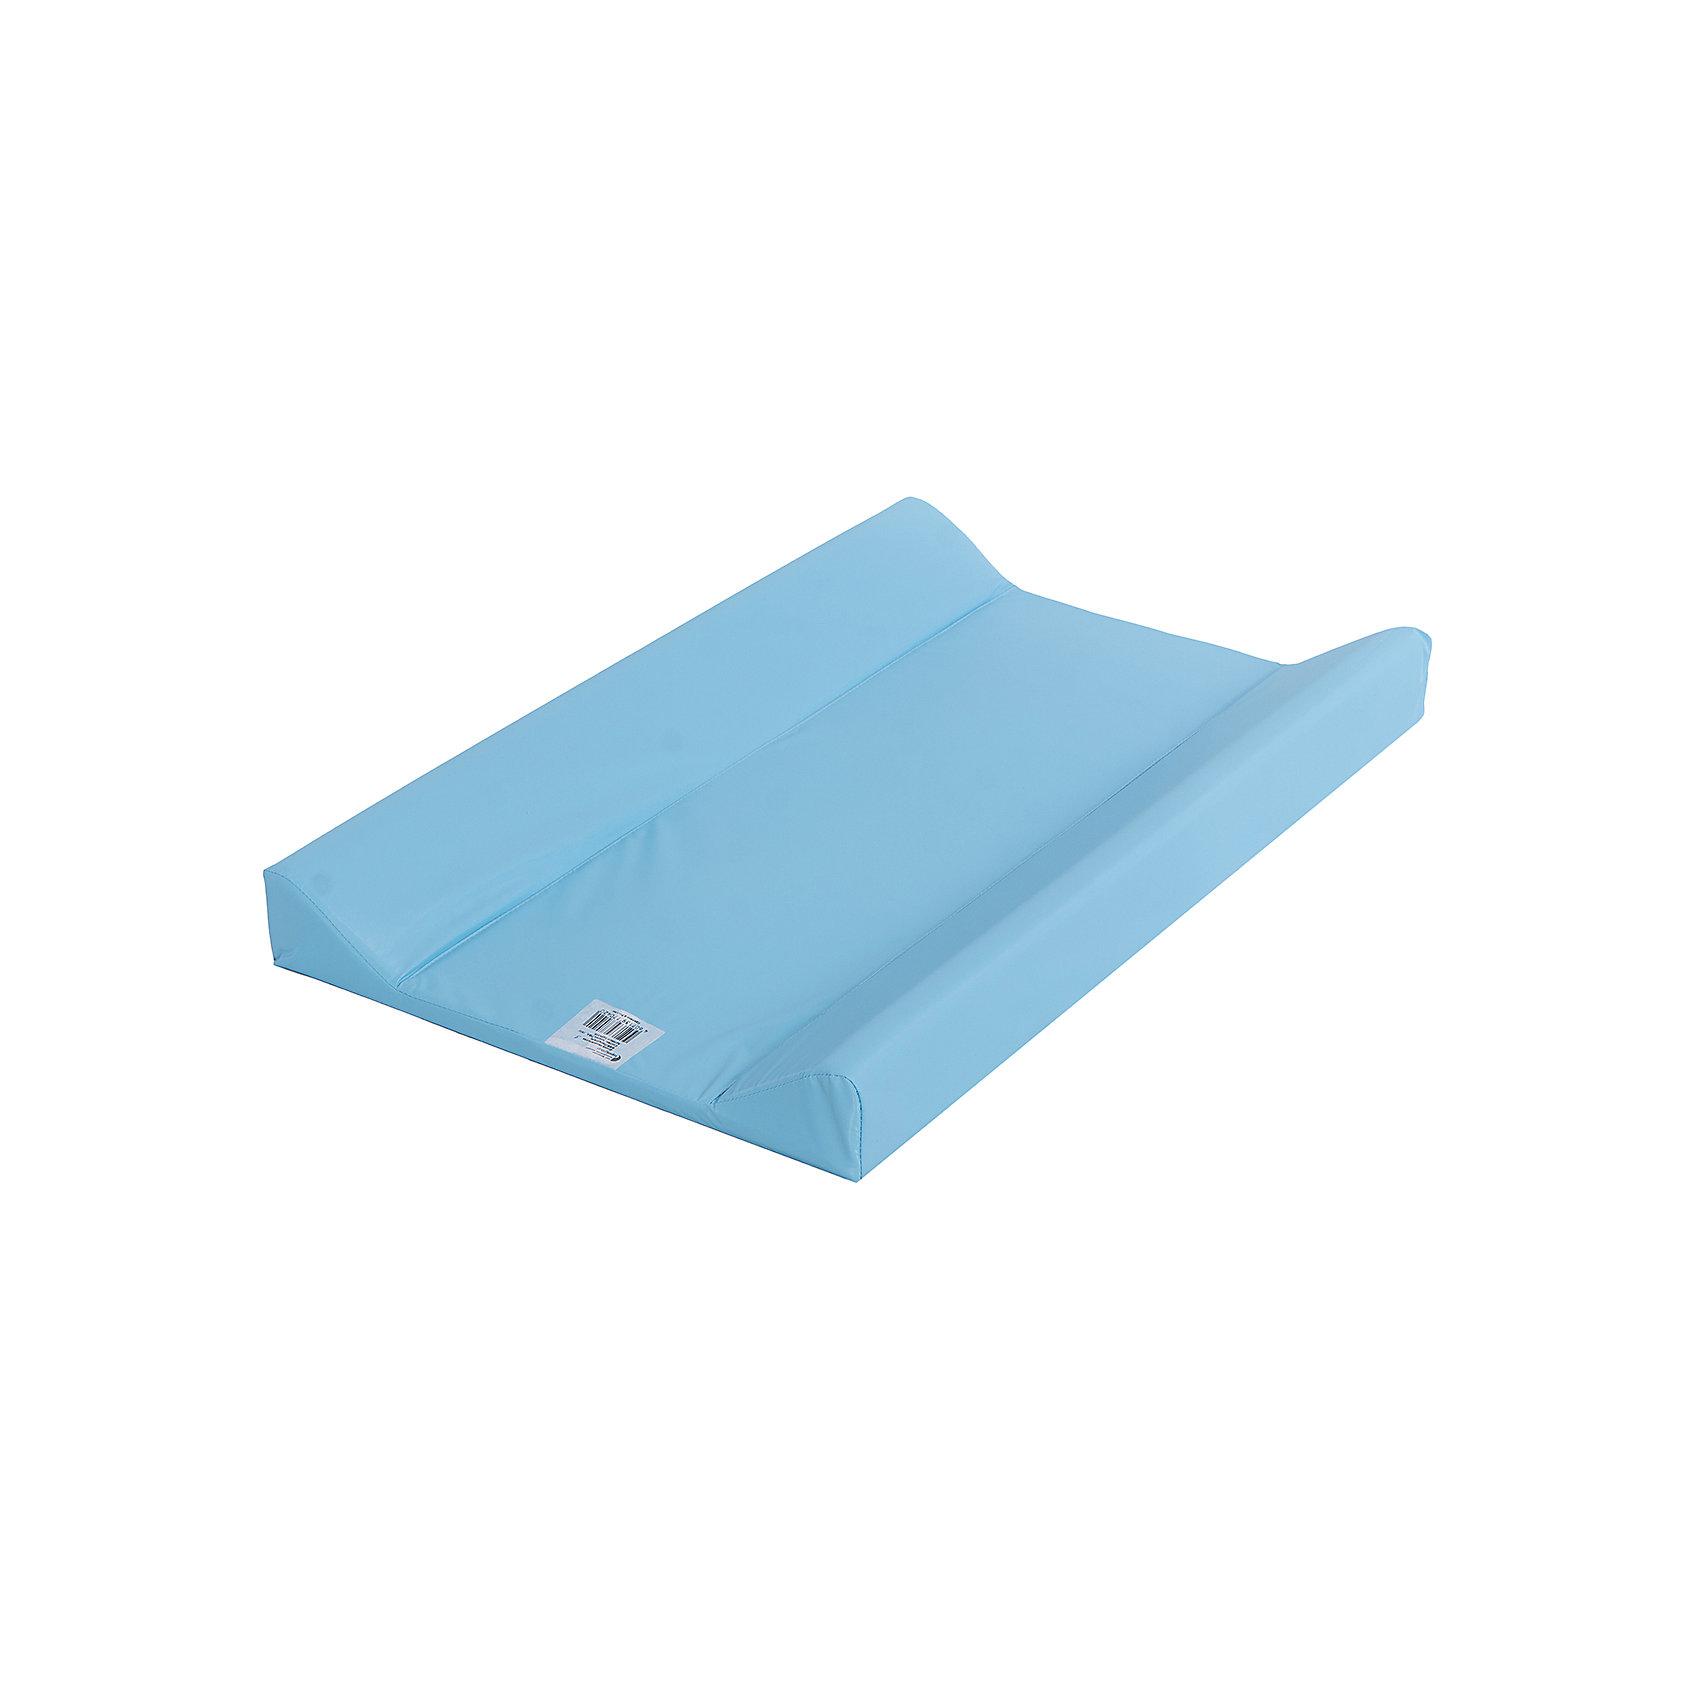 Доска для пеленания Параллель, Фея, в ассортиментеПеленание<br>Описание: пеленальник имеет  мягкие  бортики, предотвращающие скатывание ребенка,- мягкое основание,- материал обшивки: клеенка поливинилхлоридная,<br>- дно из ДВП для фиксирования на кроватке.Габариты и вес Размеры (ДхШхВ) – 79,5 х 49 х 8,6 см. Вес - 2,34 кг<br><br>ВНИМАНИЕ! Данный артикул имеется в наличии в разных вариантах исполнения (фиолетовый, зеленый,голубой, оранжевый). К сожалению, заранее выбрать определенный вариант невозможно. При заказе нескольких позиций возможно получение одинаковых.<br><br>Ширина мм: 860<br>Глубина мм: 700<br>Высота мм: 490<br>Вес г: 2300<br>Возраст от месяцев: 0<br>Возраст до месяцев: 12<br>Пол: Унисекс<br>Возраст: Детский<br>SKU: 4616648